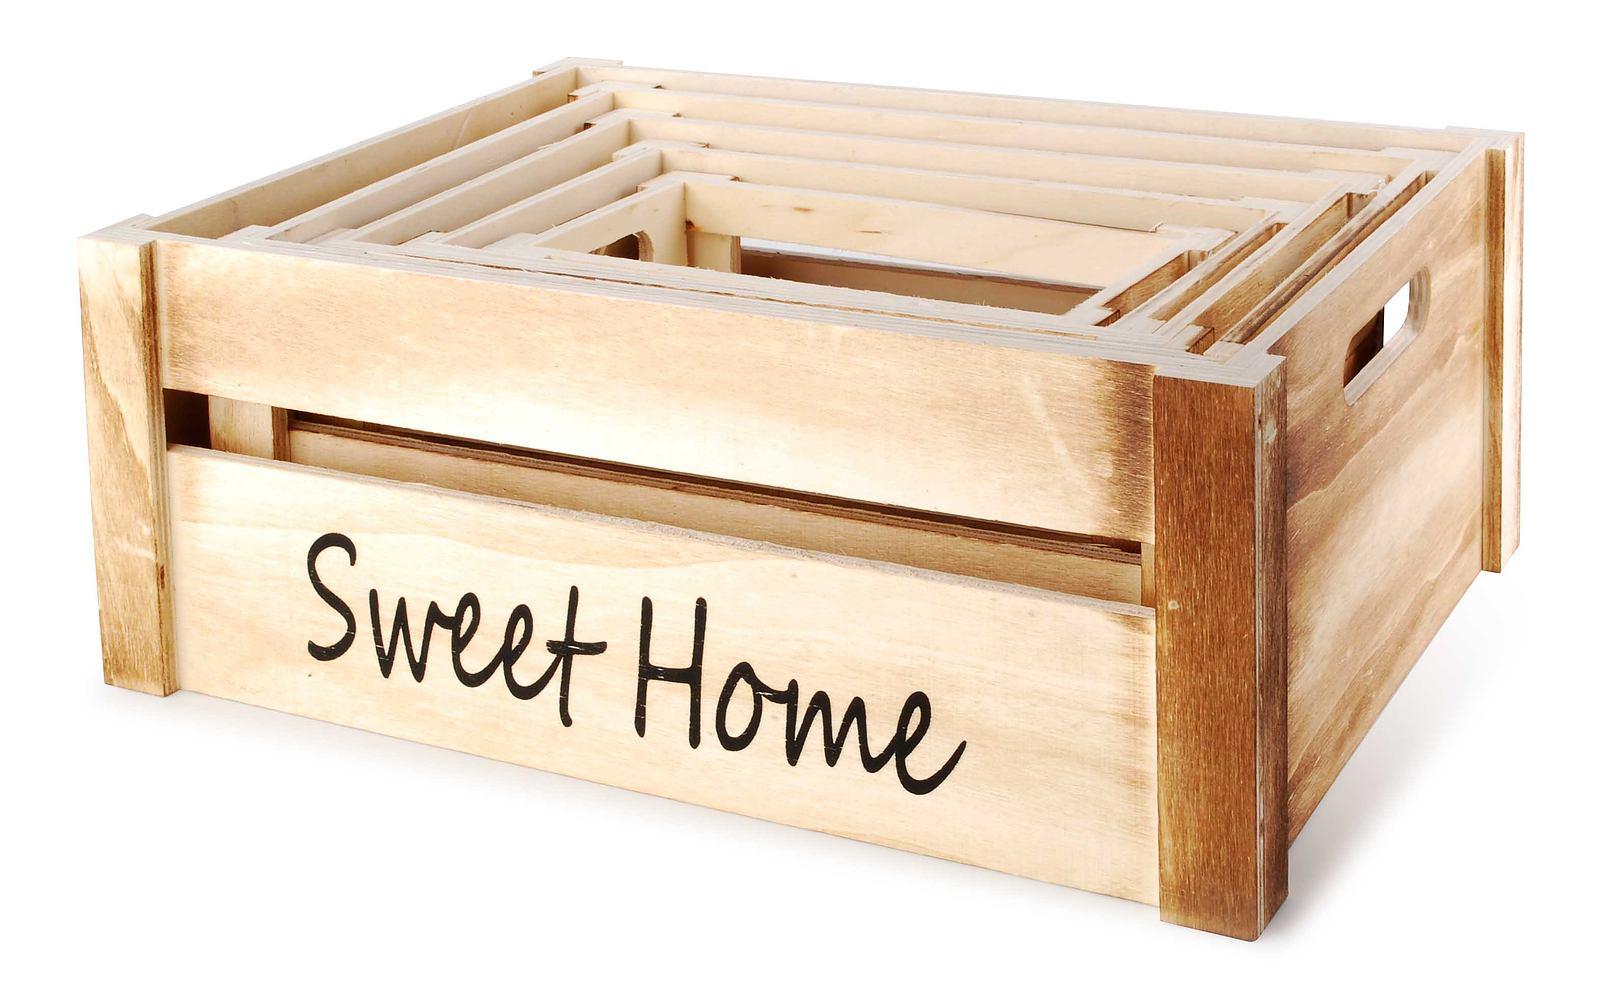 38ce6b8f669dbf Skrzynki drewniane ozdobne SWEET HOME 5 szt. - sklep internetowy -  garneczki.pl